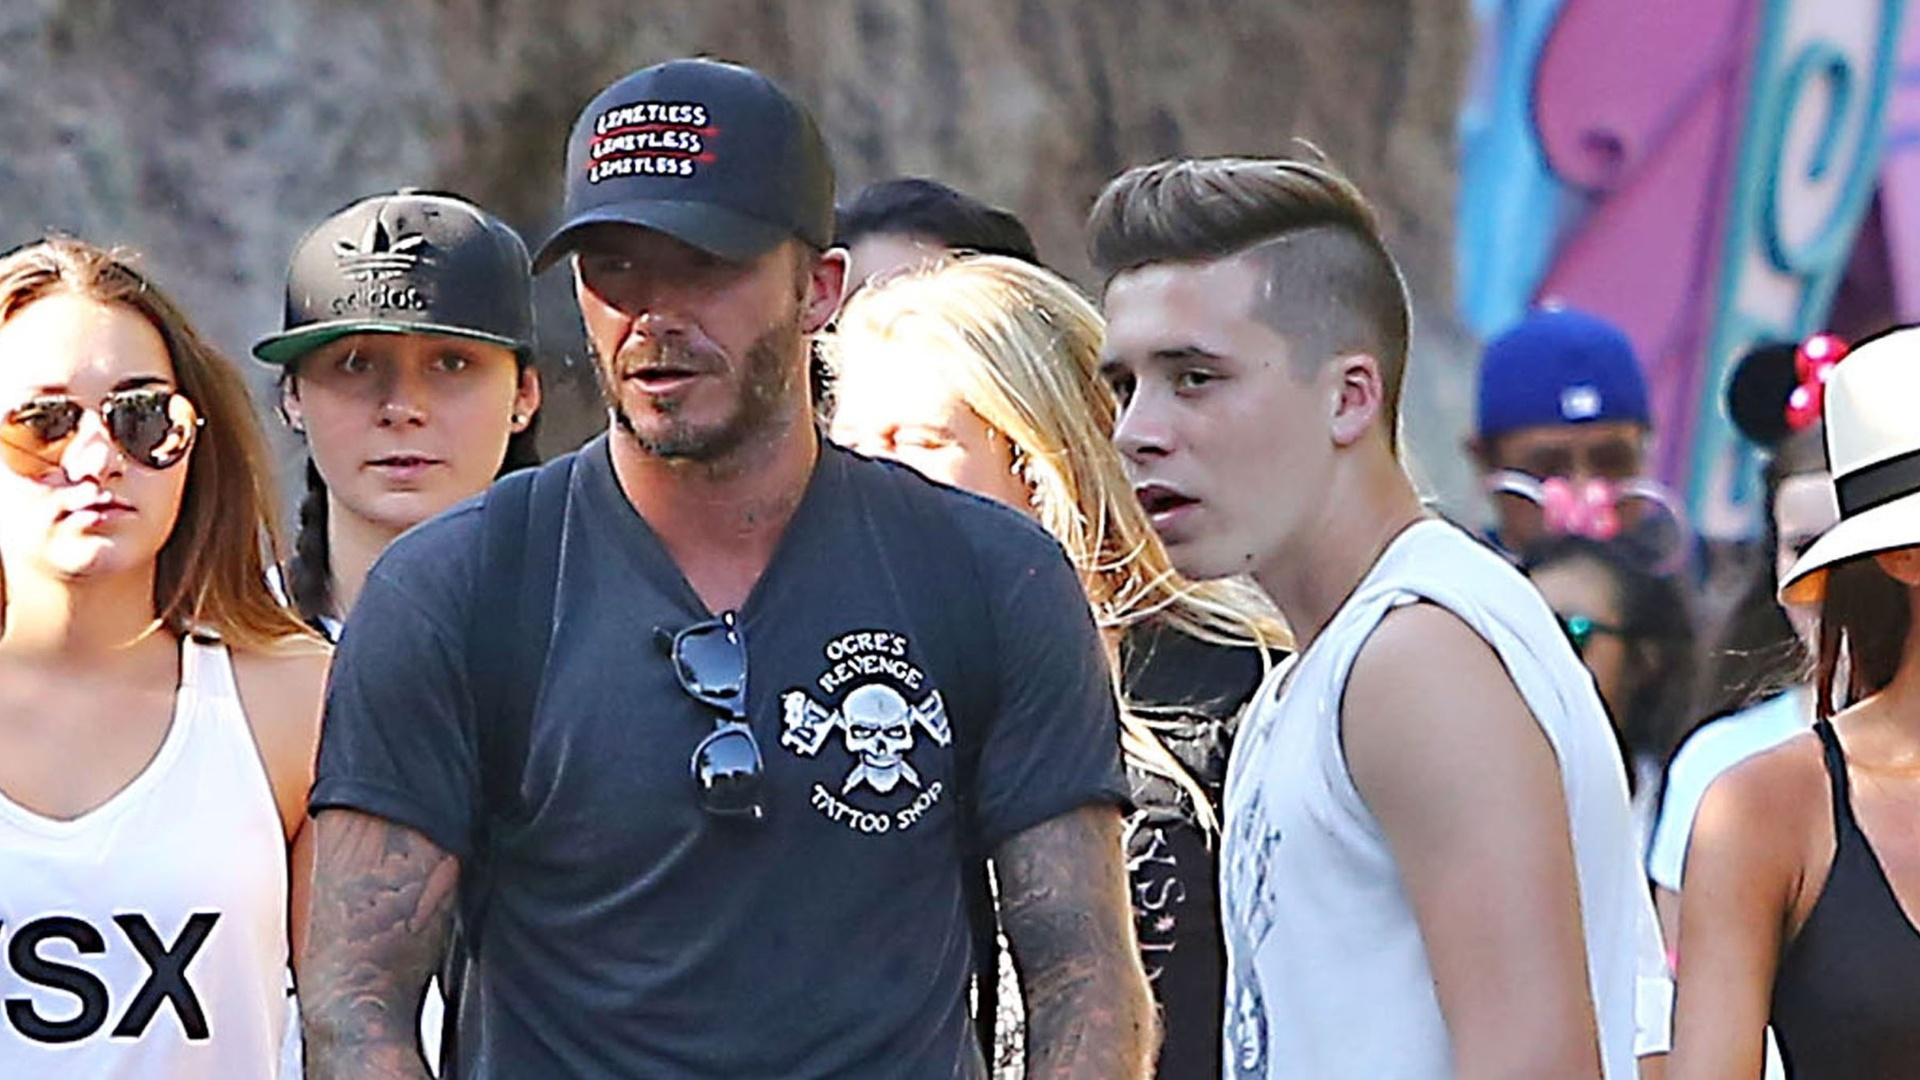 25.ago.2015 - David e Victoria Beckham levaram seus quatro filhos para curtir um dia na Disneylândia, em Anaheim (Califórnia), na segunda-feira. Na foto, o ex-jogador de futebol aparece conduzindo o carrinho com a caçula, Harper, de quatro anos. Os outros filhos do casal, Brooklyn (16 anos), Romeo (12 anos) e Cruz (10 anos) também aproveitaram o passeio em família